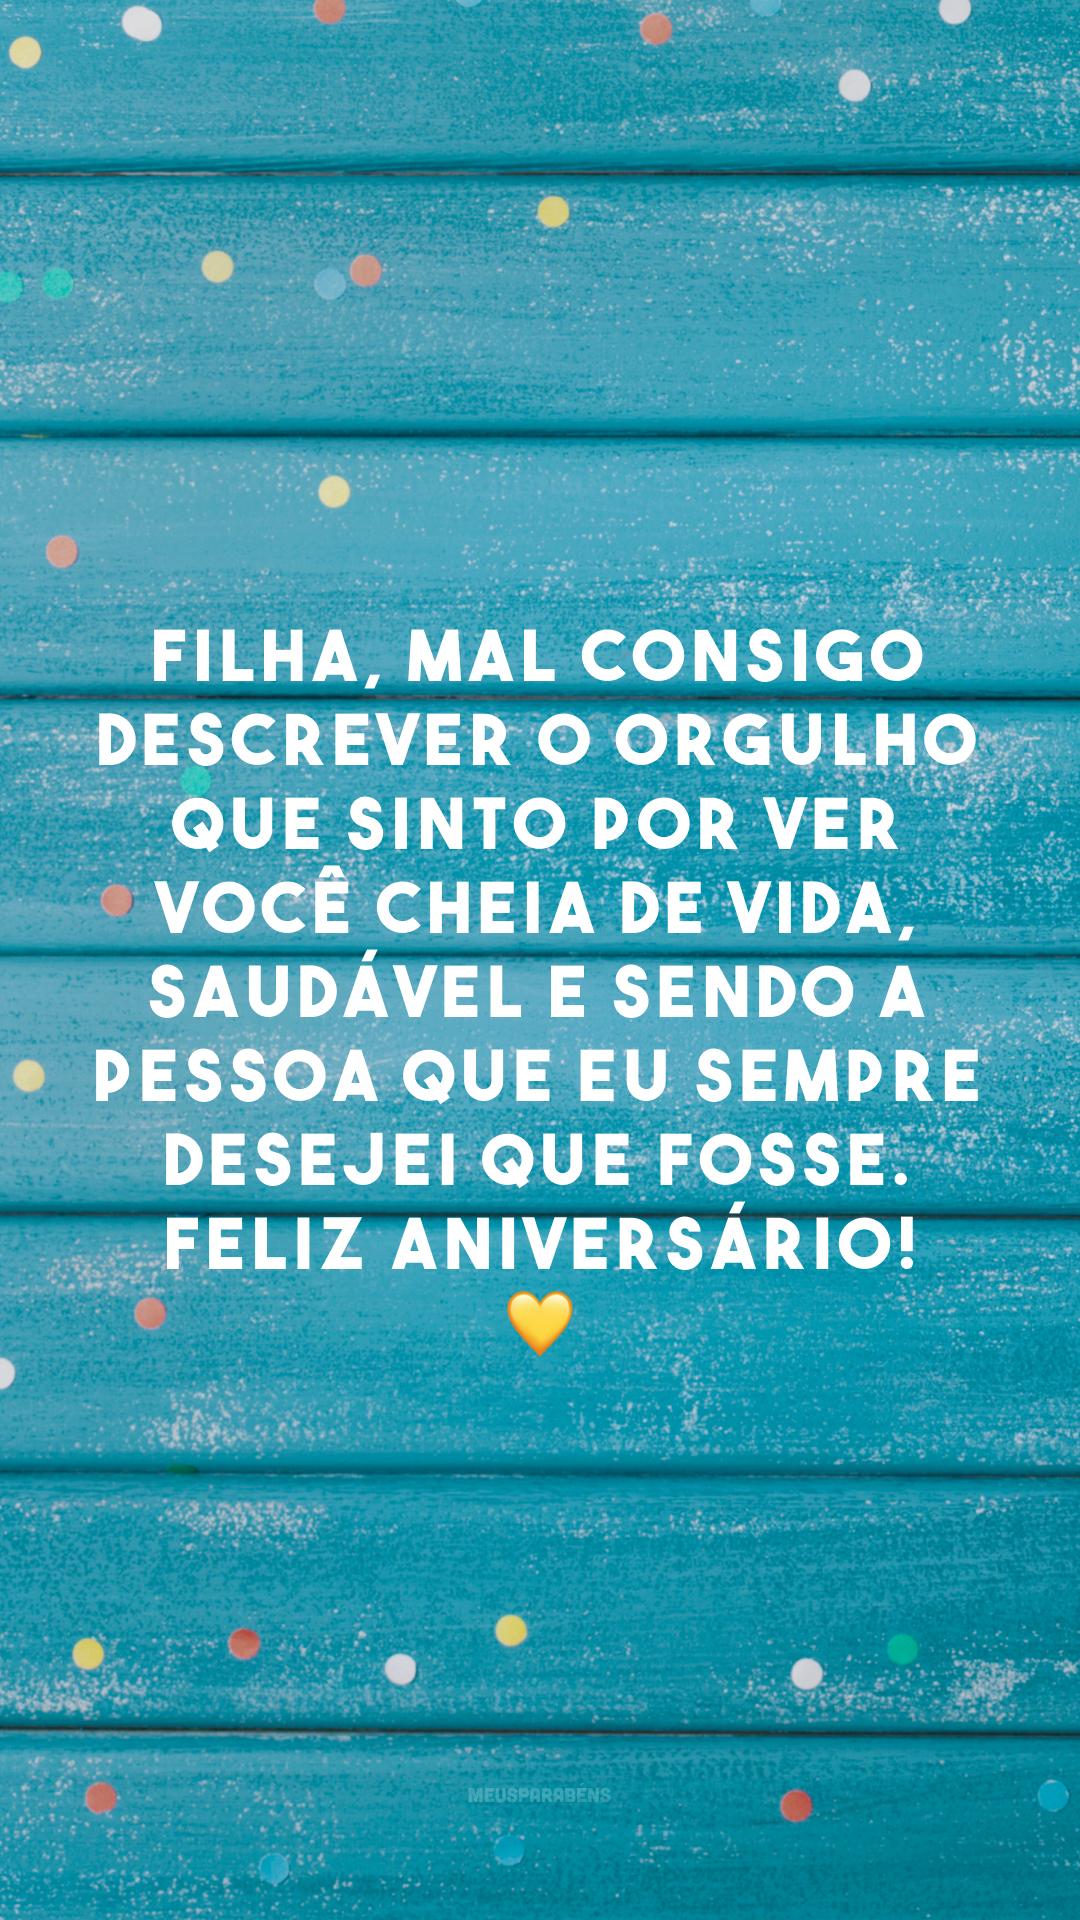 Filha, mal consigo descrever o orgulho que sinto por ver você cheia de vida, saudável e sendo a pessoa que eu sempre desejei que fosse. Feliz aniversário! 💛